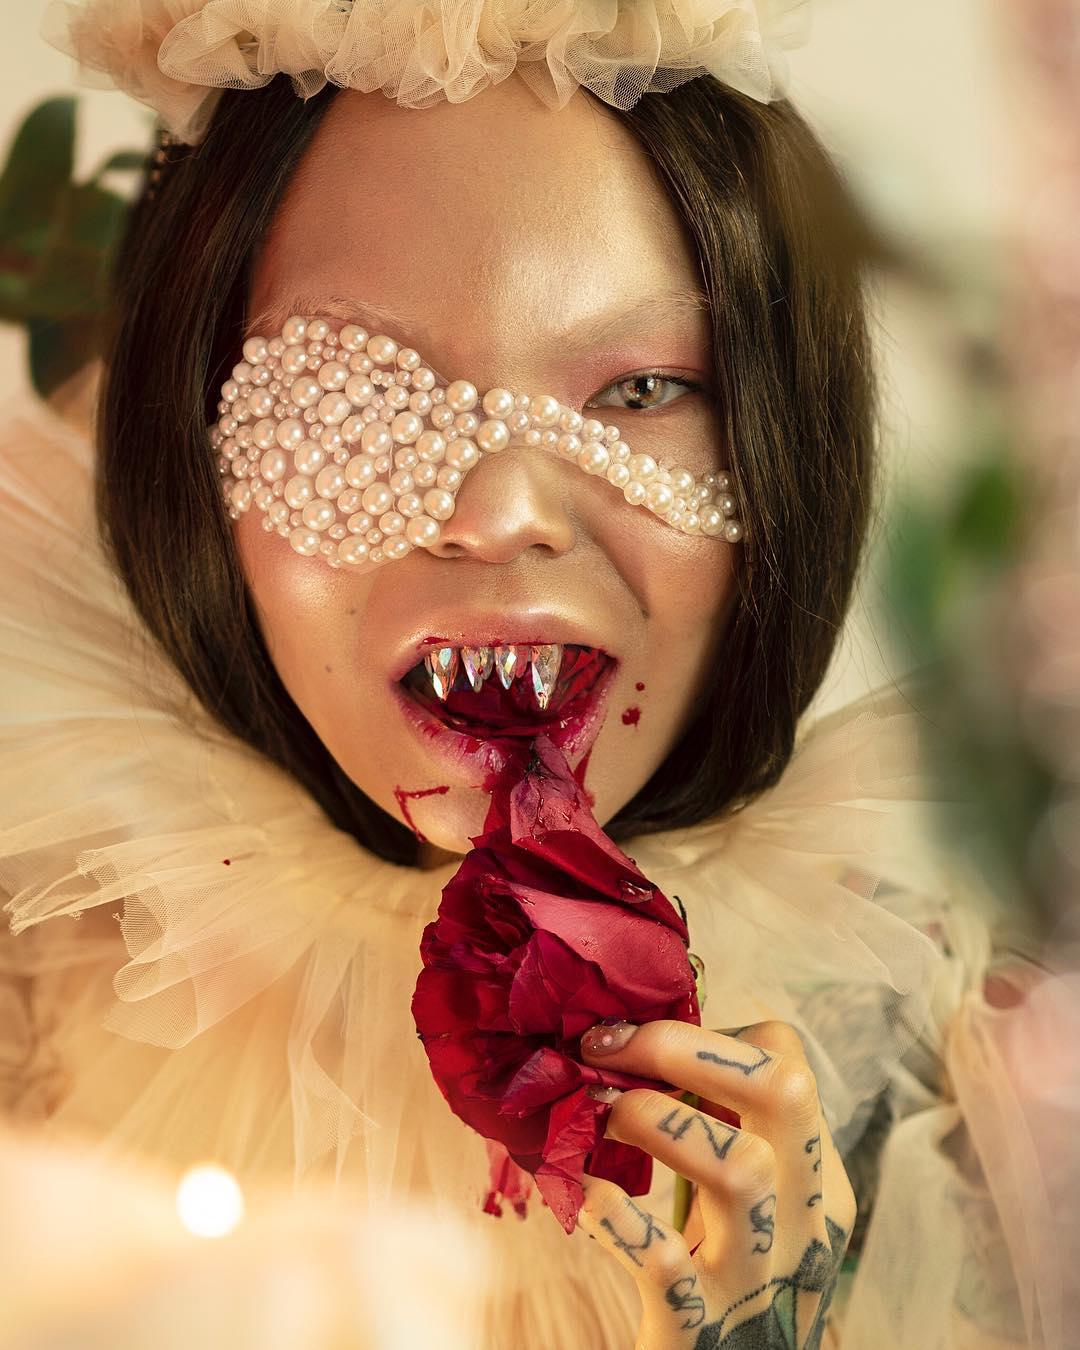 Conoce a Aryuna Tardis, la makeup artist que revoluciona Instagram con sus looks extremos